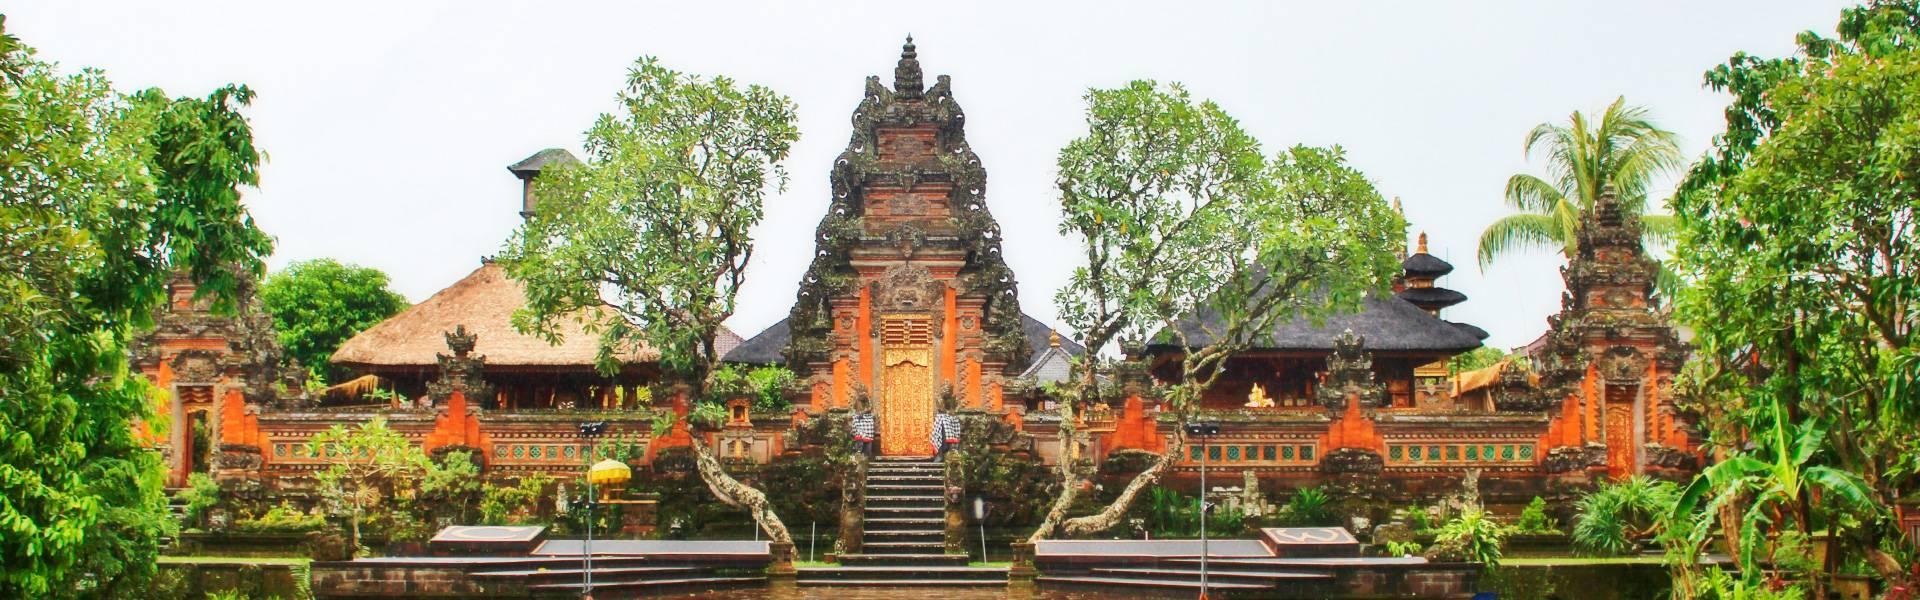 topo-indonesia Oceania